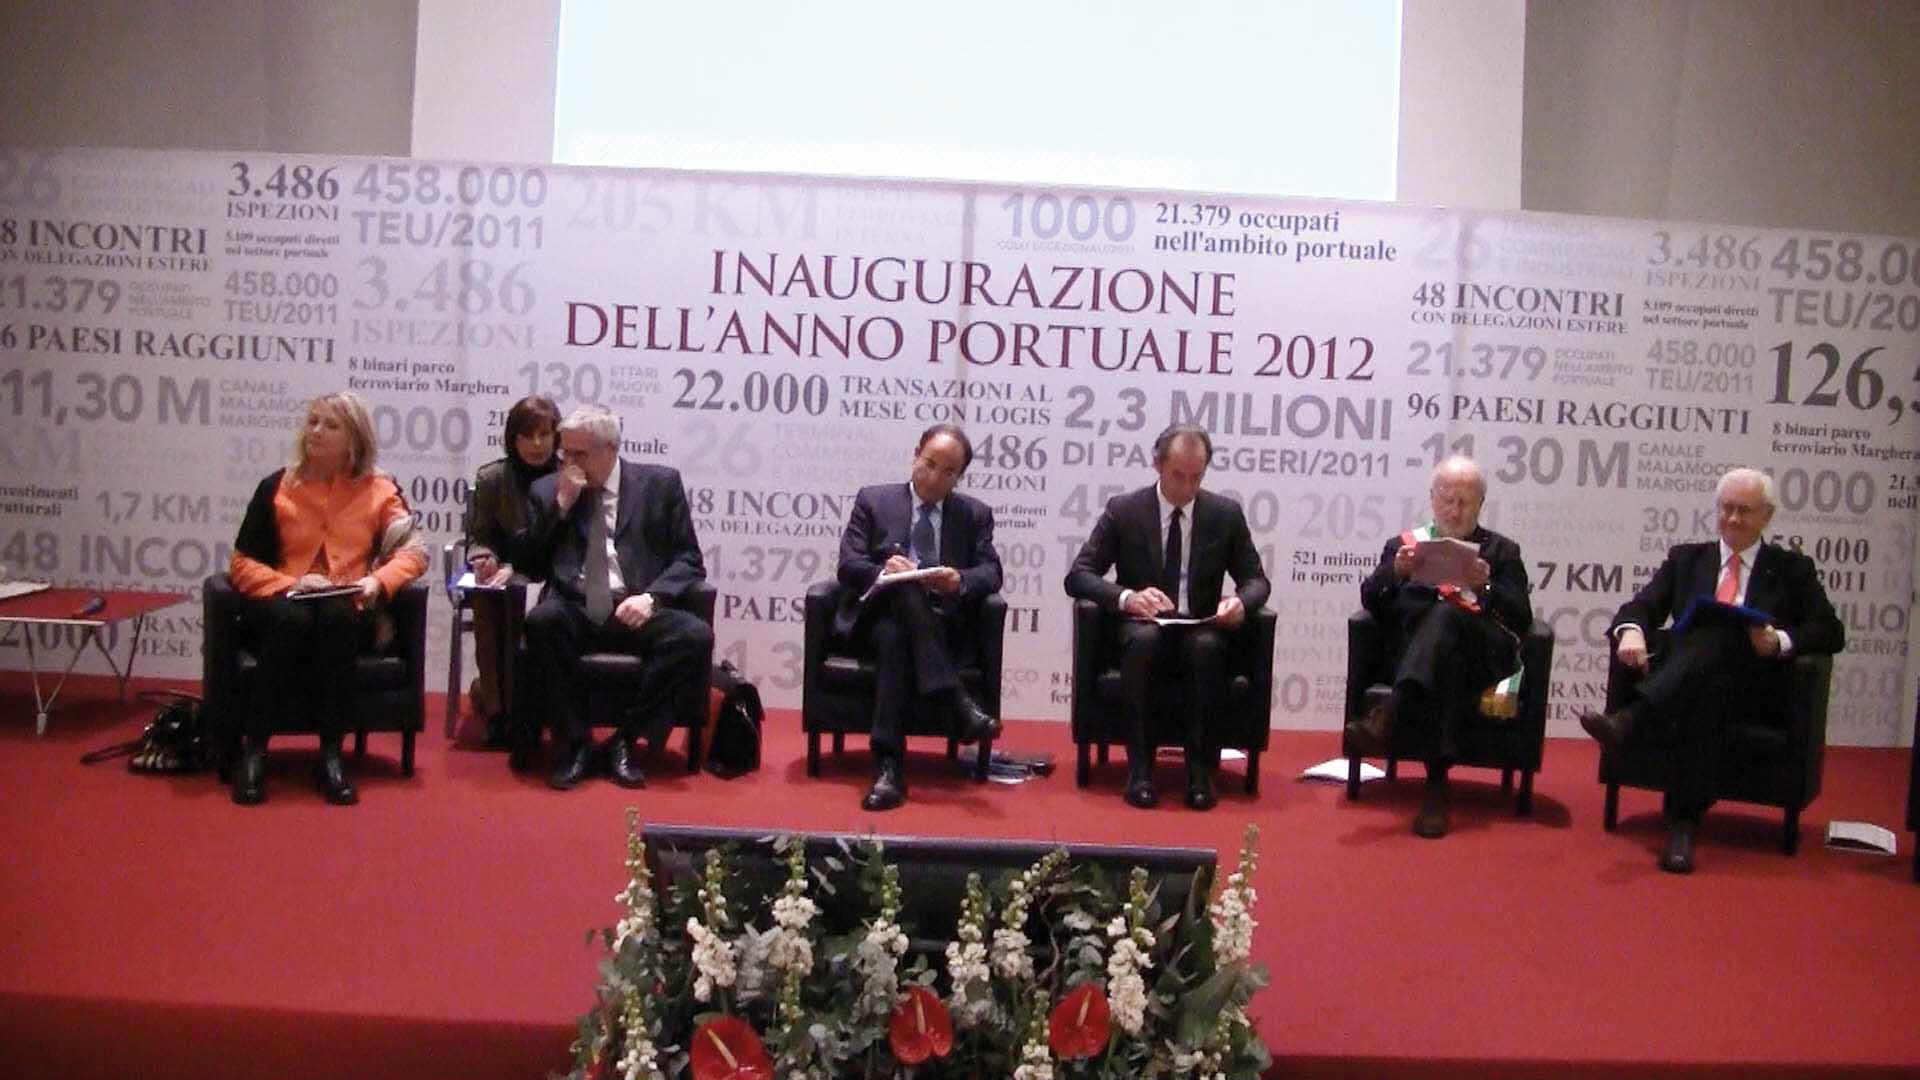 venezia inaugurazione anno portuale 2012